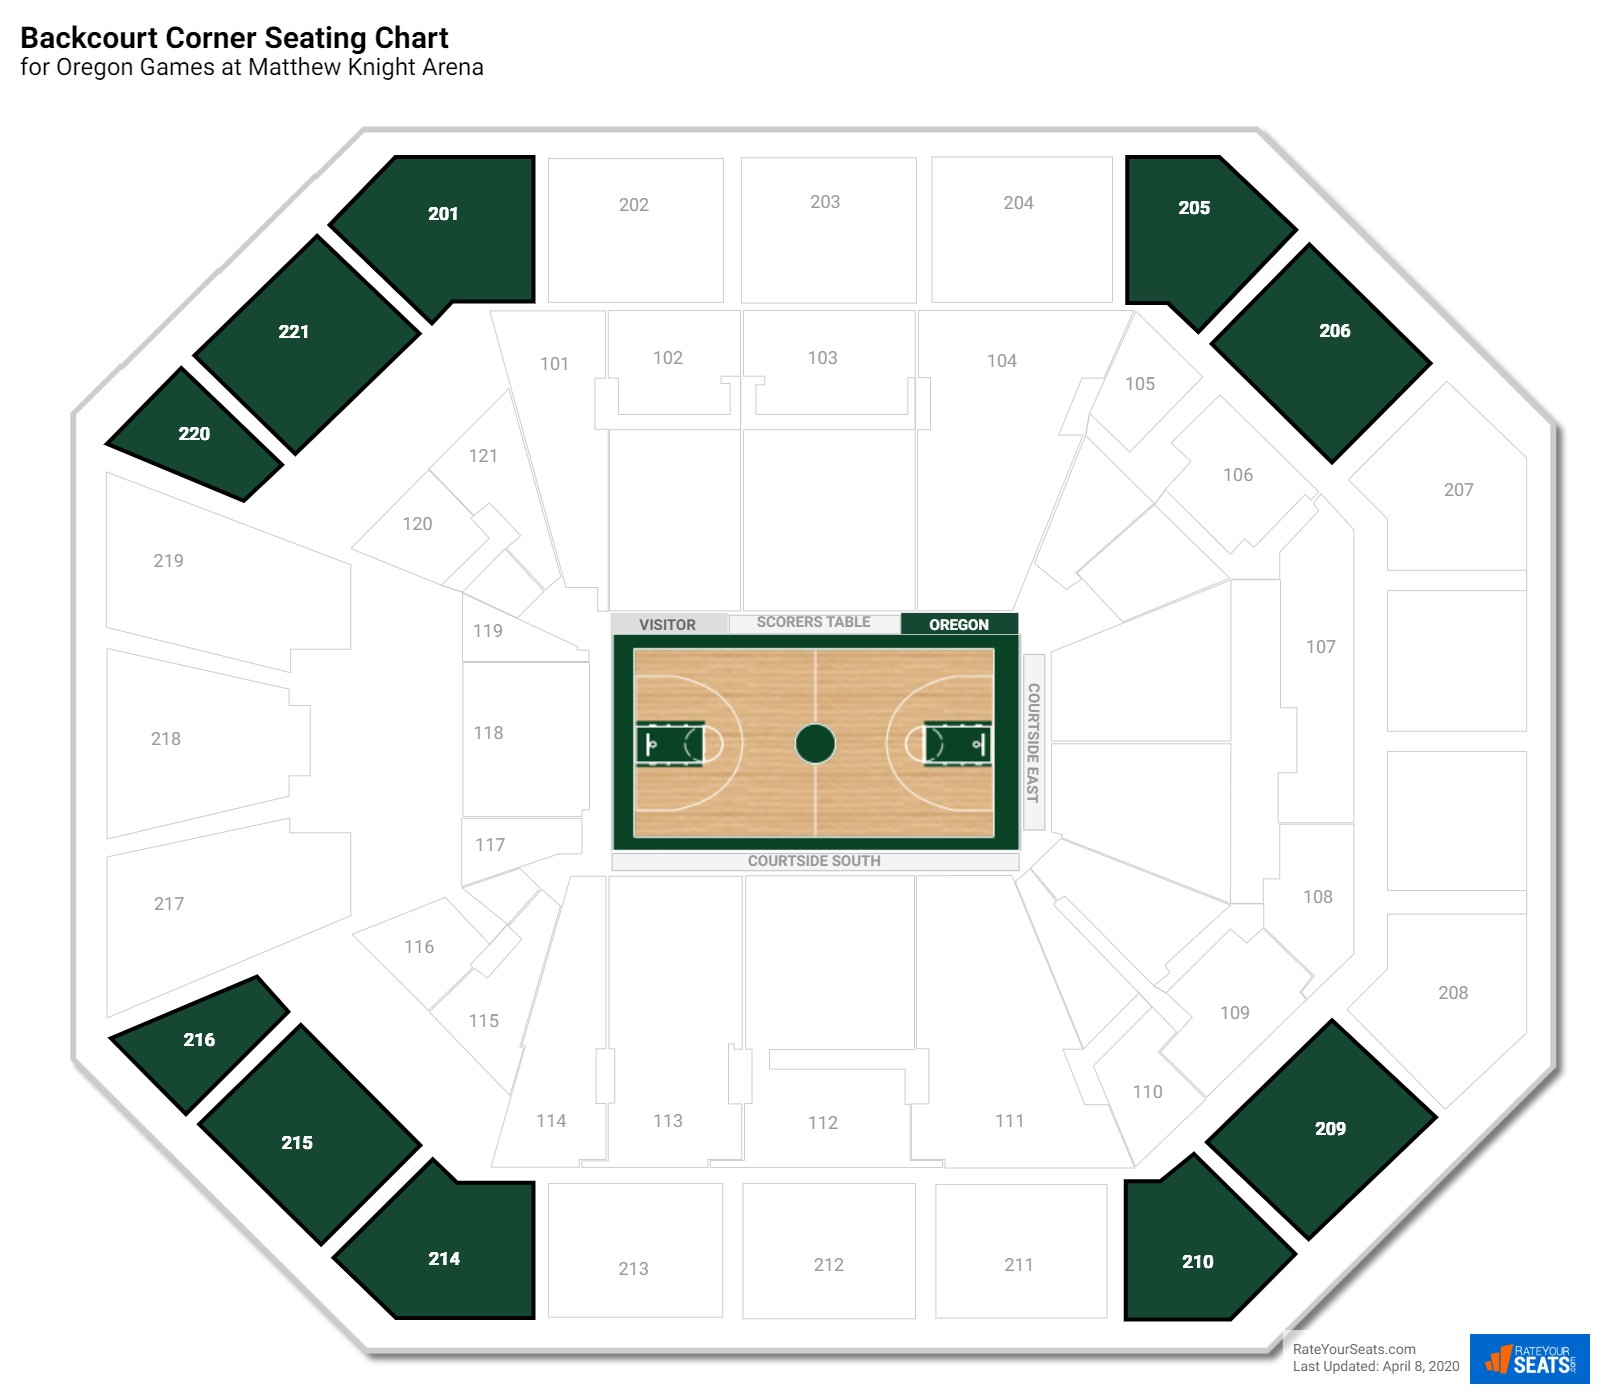 Matthew Knight Arena Backcourt Corner Seating Chart